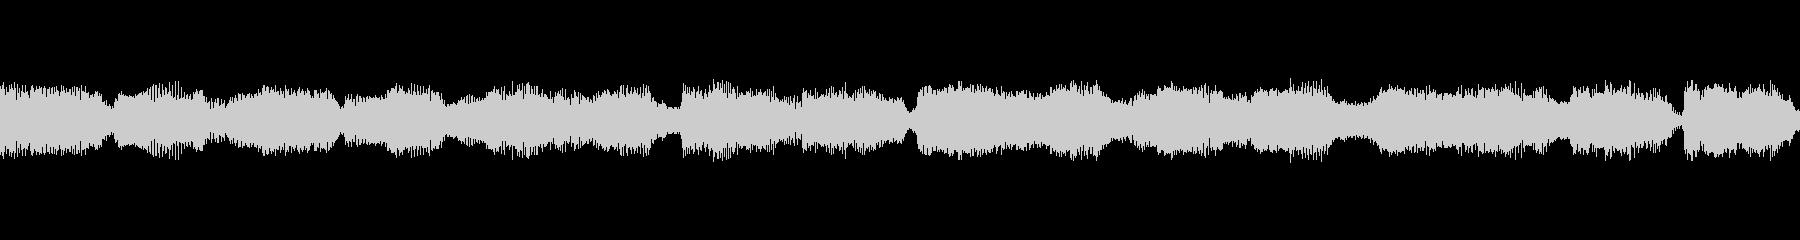 風変わりなレトロなビデオゲーム音楽...の未再生の波形